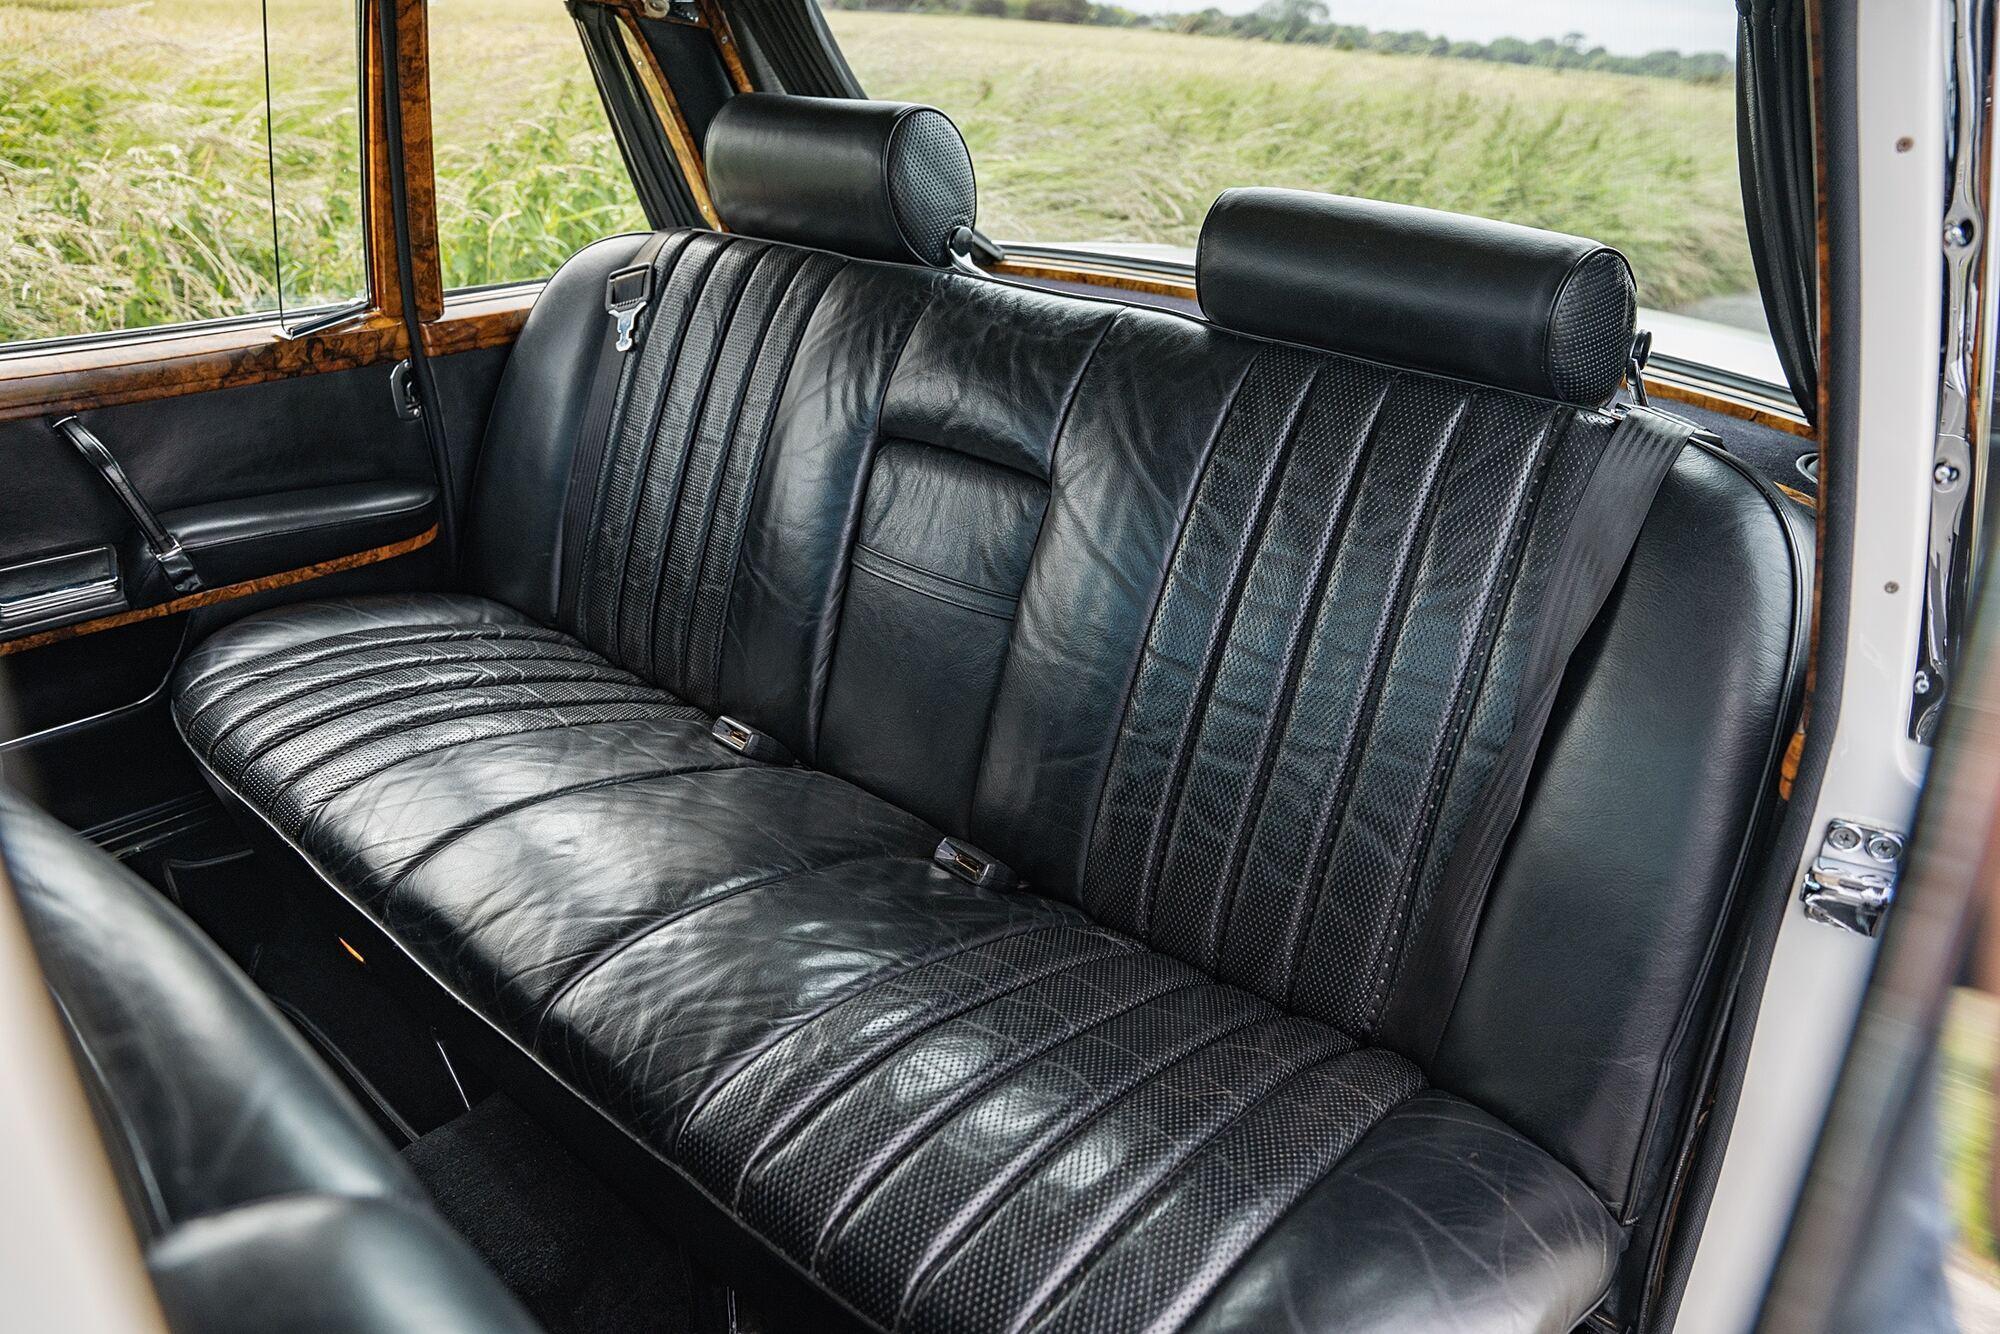 Автомобиль сохранил до сегодняшних дней родную белую окраску кузова и черный кожаный салон